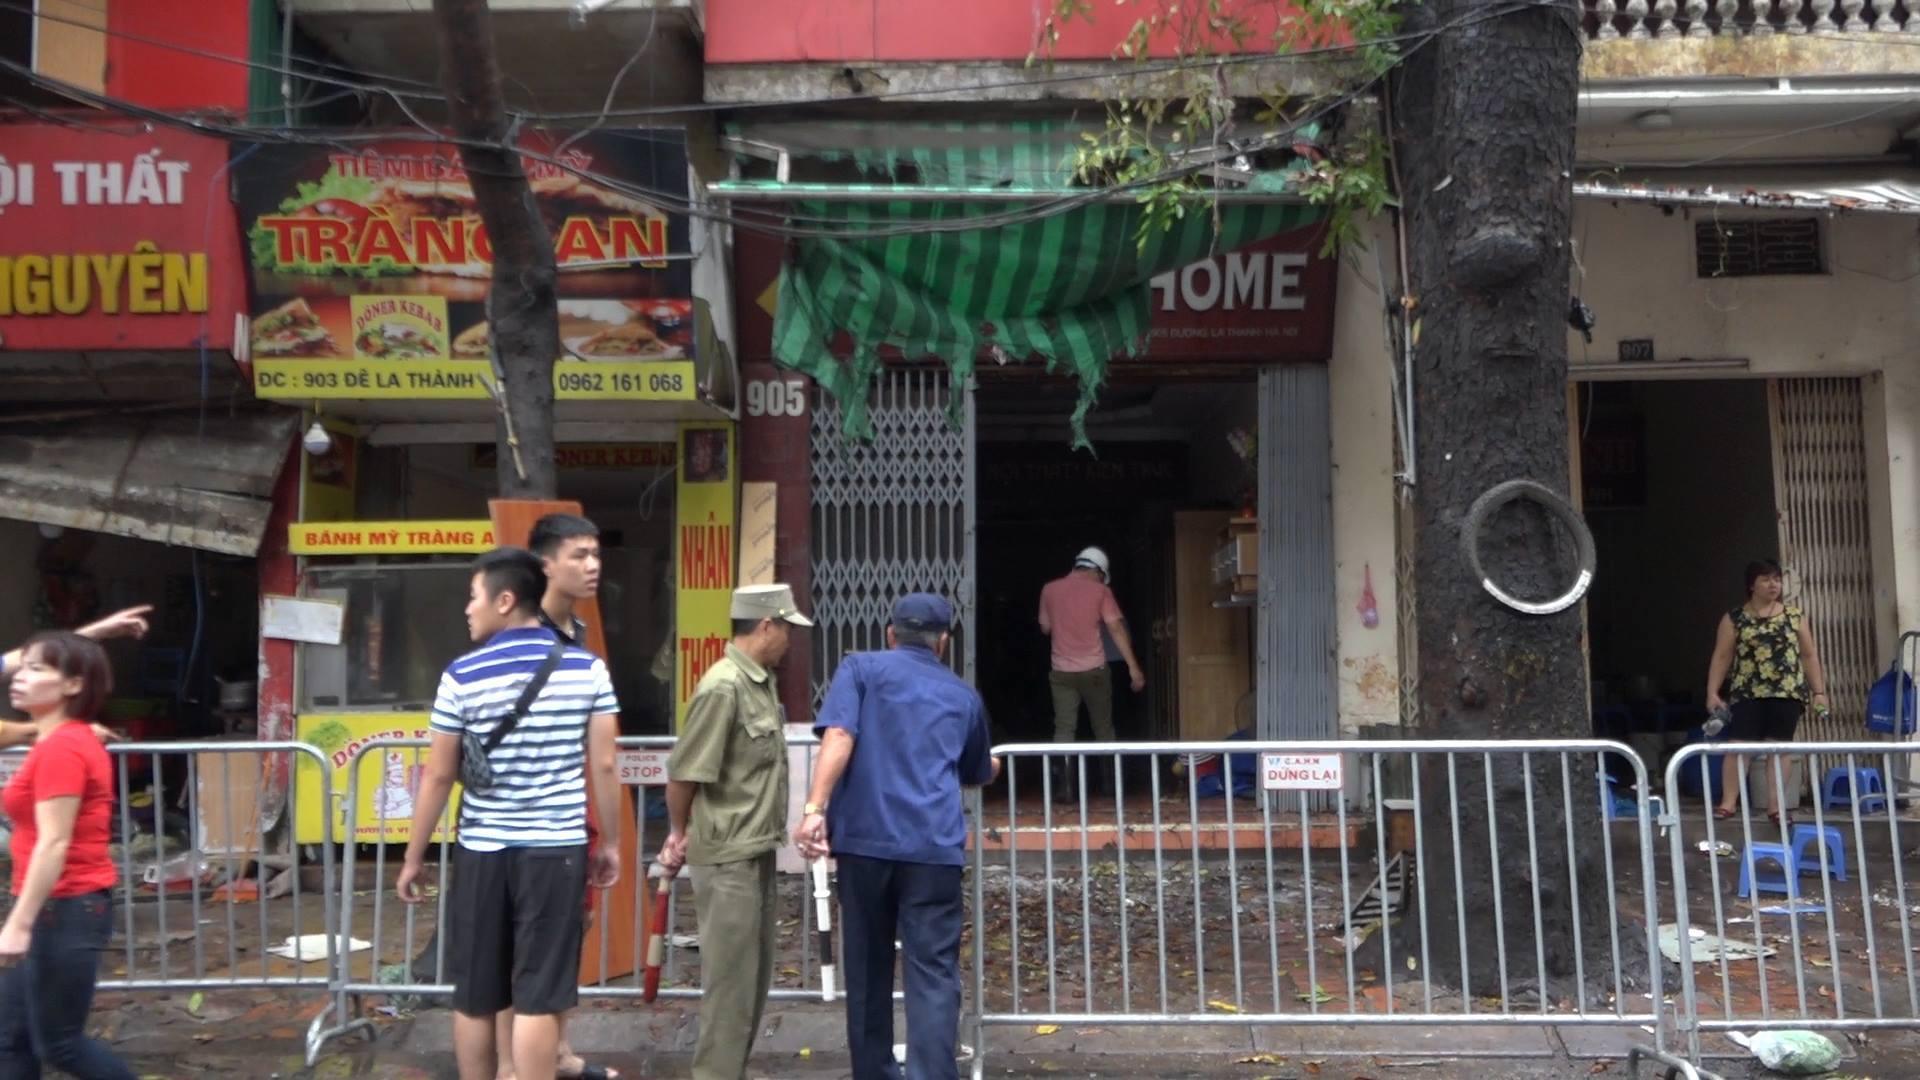 Cháy nhà ở Đê La Thành,Cháy nhà ở Hà Nội,Cháy lớn ở Hà Nội,Bệnh viện Nhi Trung ương